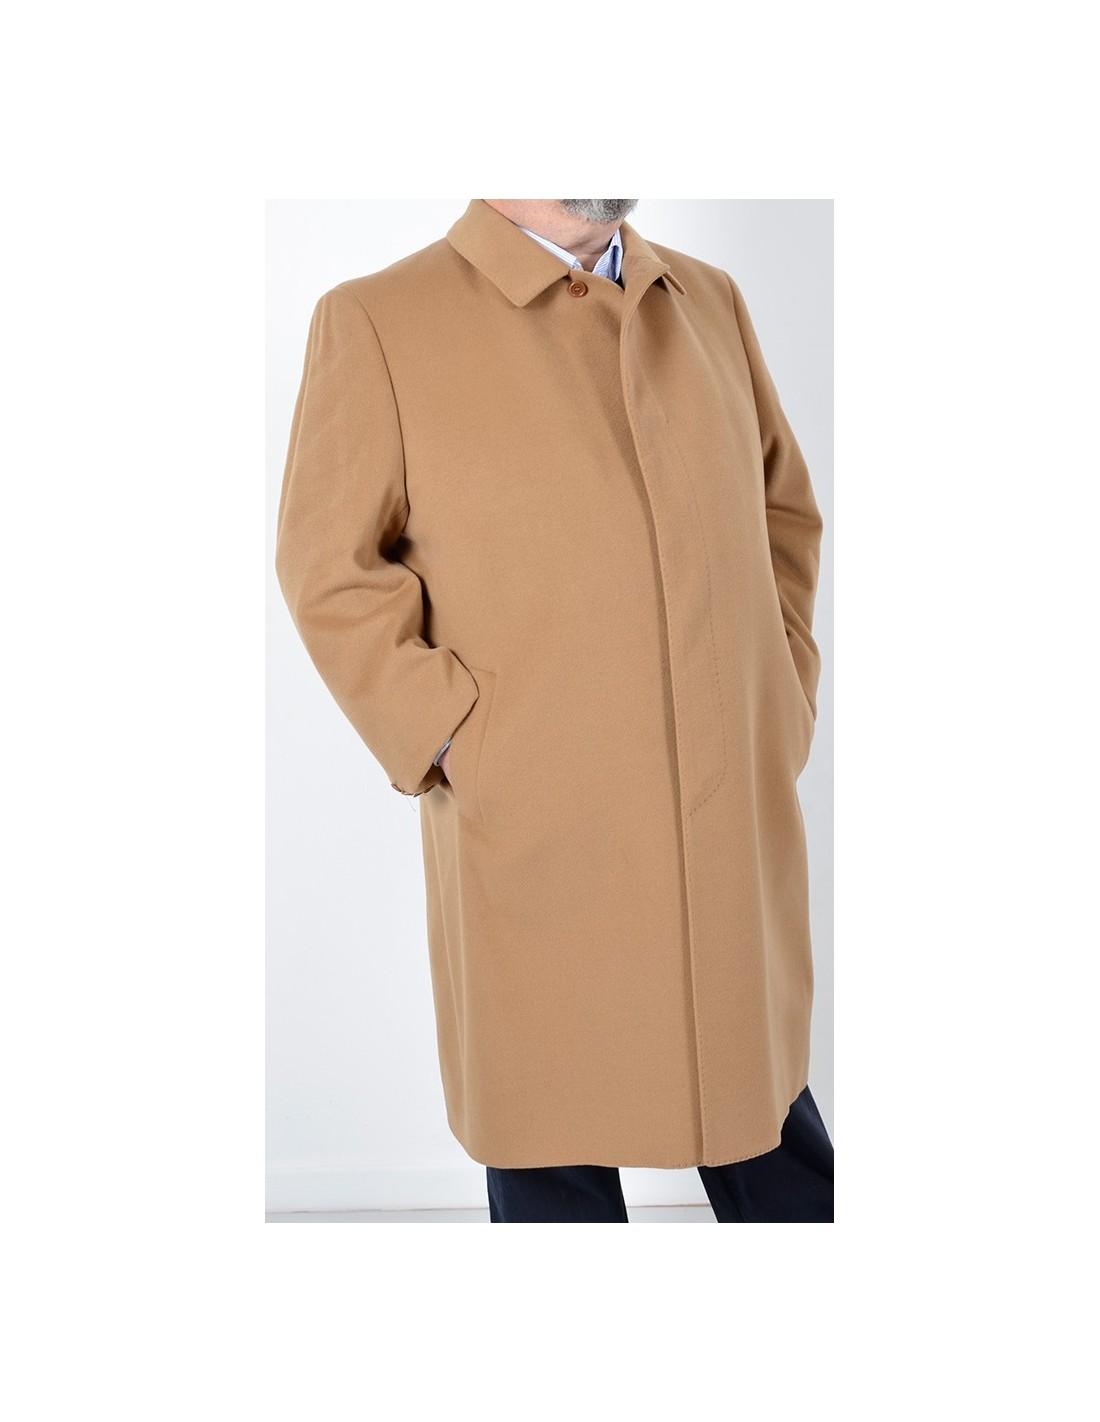 Cappotto Uomo Classico Beige · Cappotto Uomo Cammello · Cappotto Uomo  Cammello · Cappotto Uomo Cammello a13cce37e22